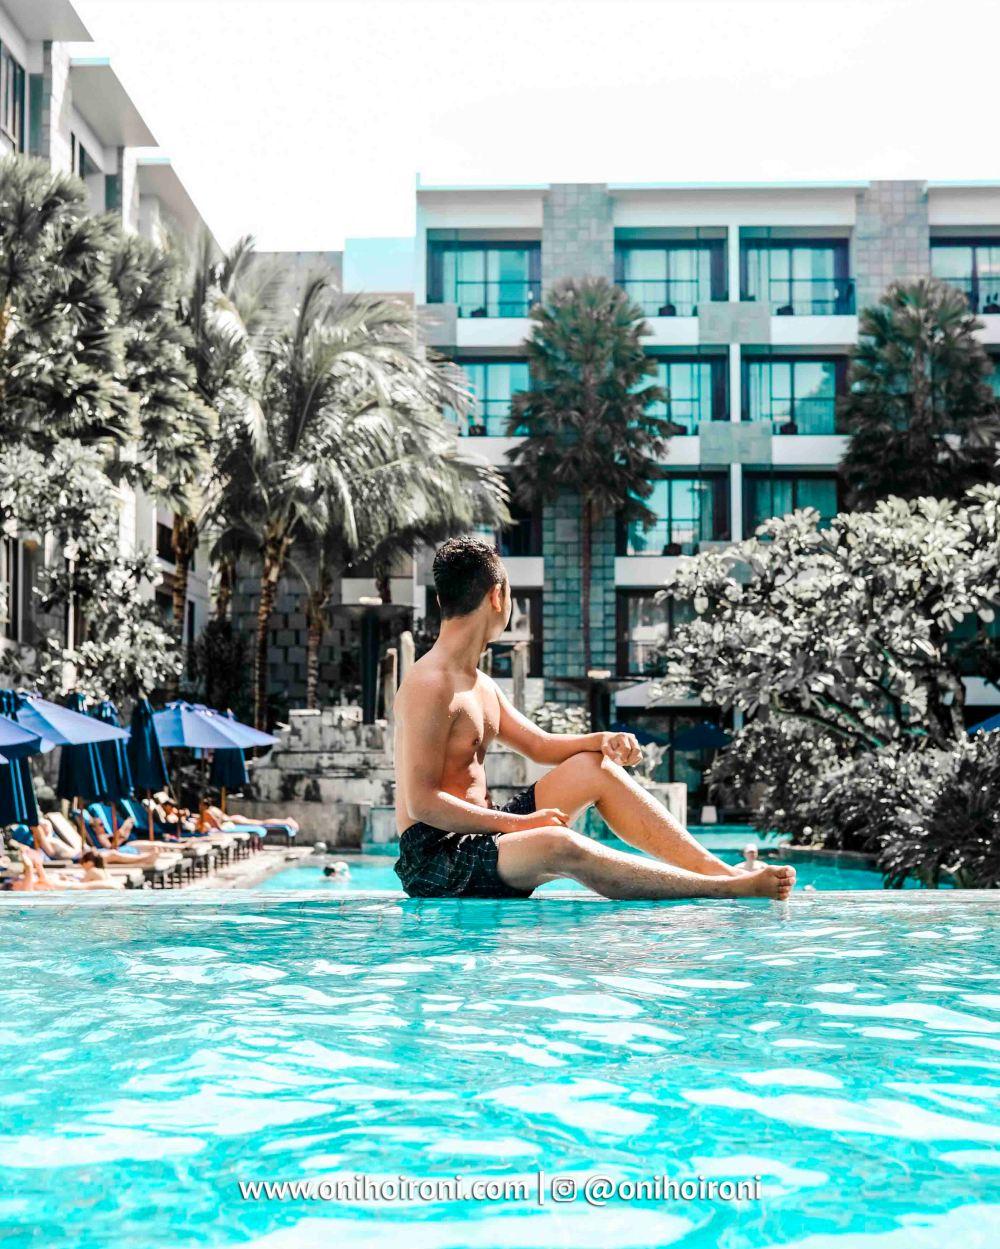 11 Swimming Pool Courtyard Seminyak